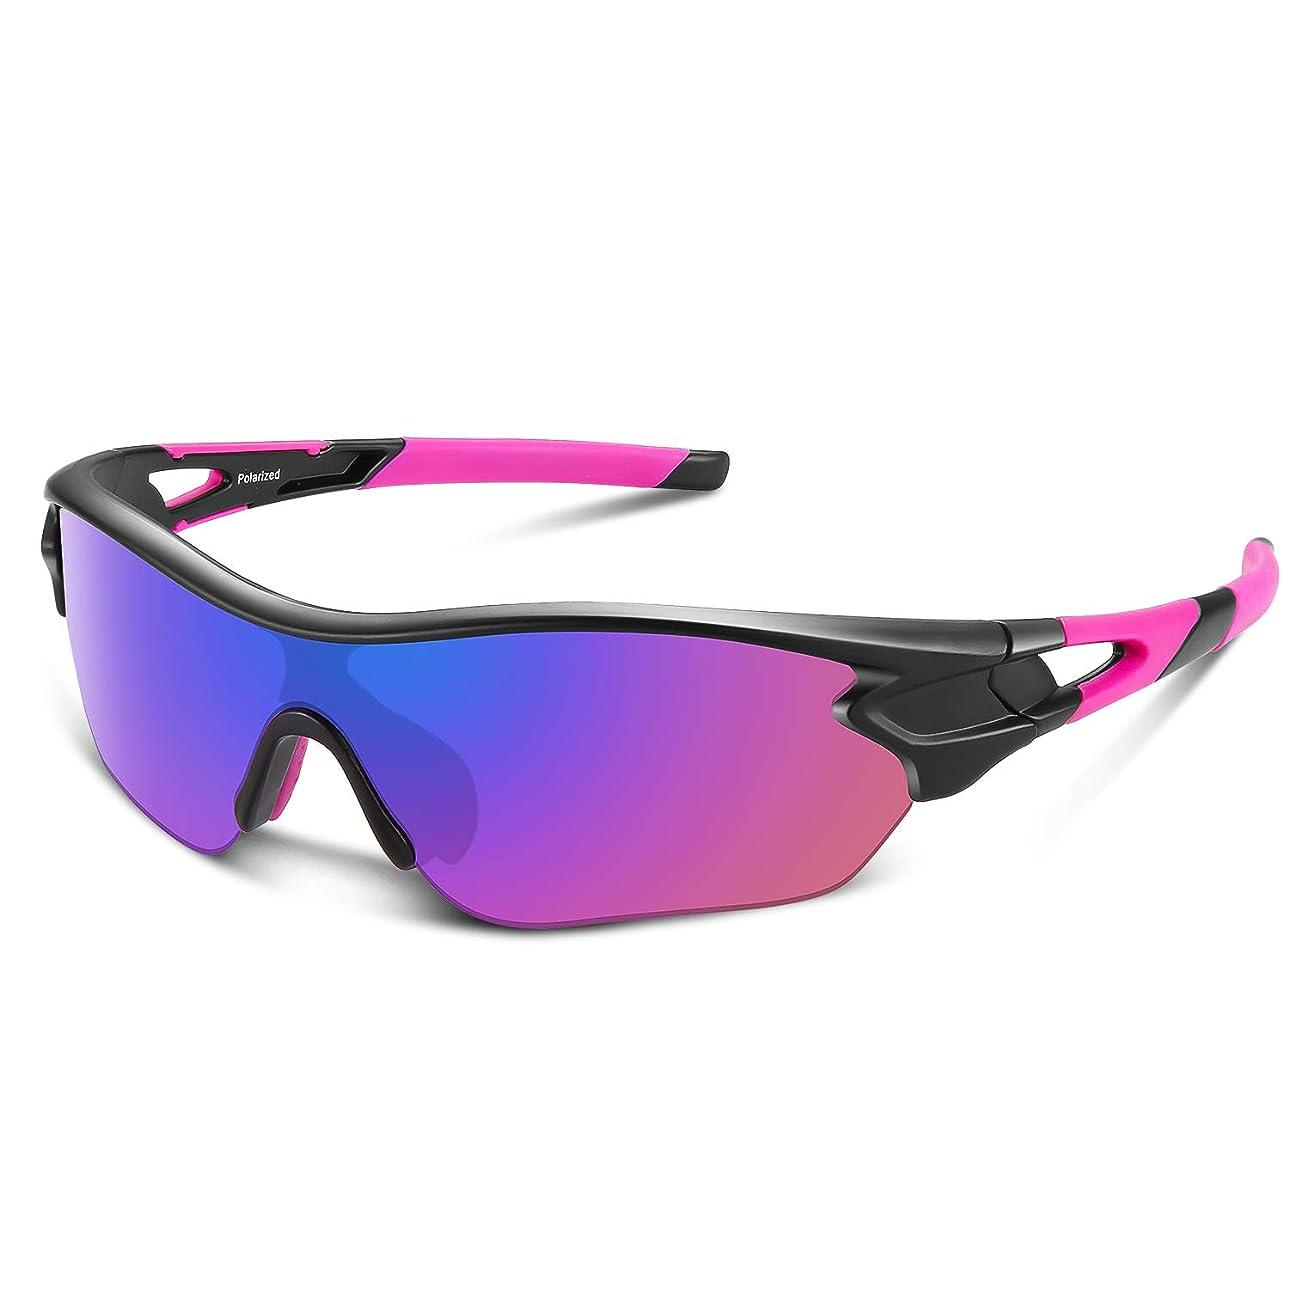 真っ逆さま肩をすくめる蜜スポーツサングラス 偏光レンズ 自転車 登山 釣り 野球 ゴルフ ランニング ドライブ バイク テニス スキー 超軽量 UV400 TAC TR90 紫外線防止 メンズ レディース ユニセックス サングラス 安全 清晰